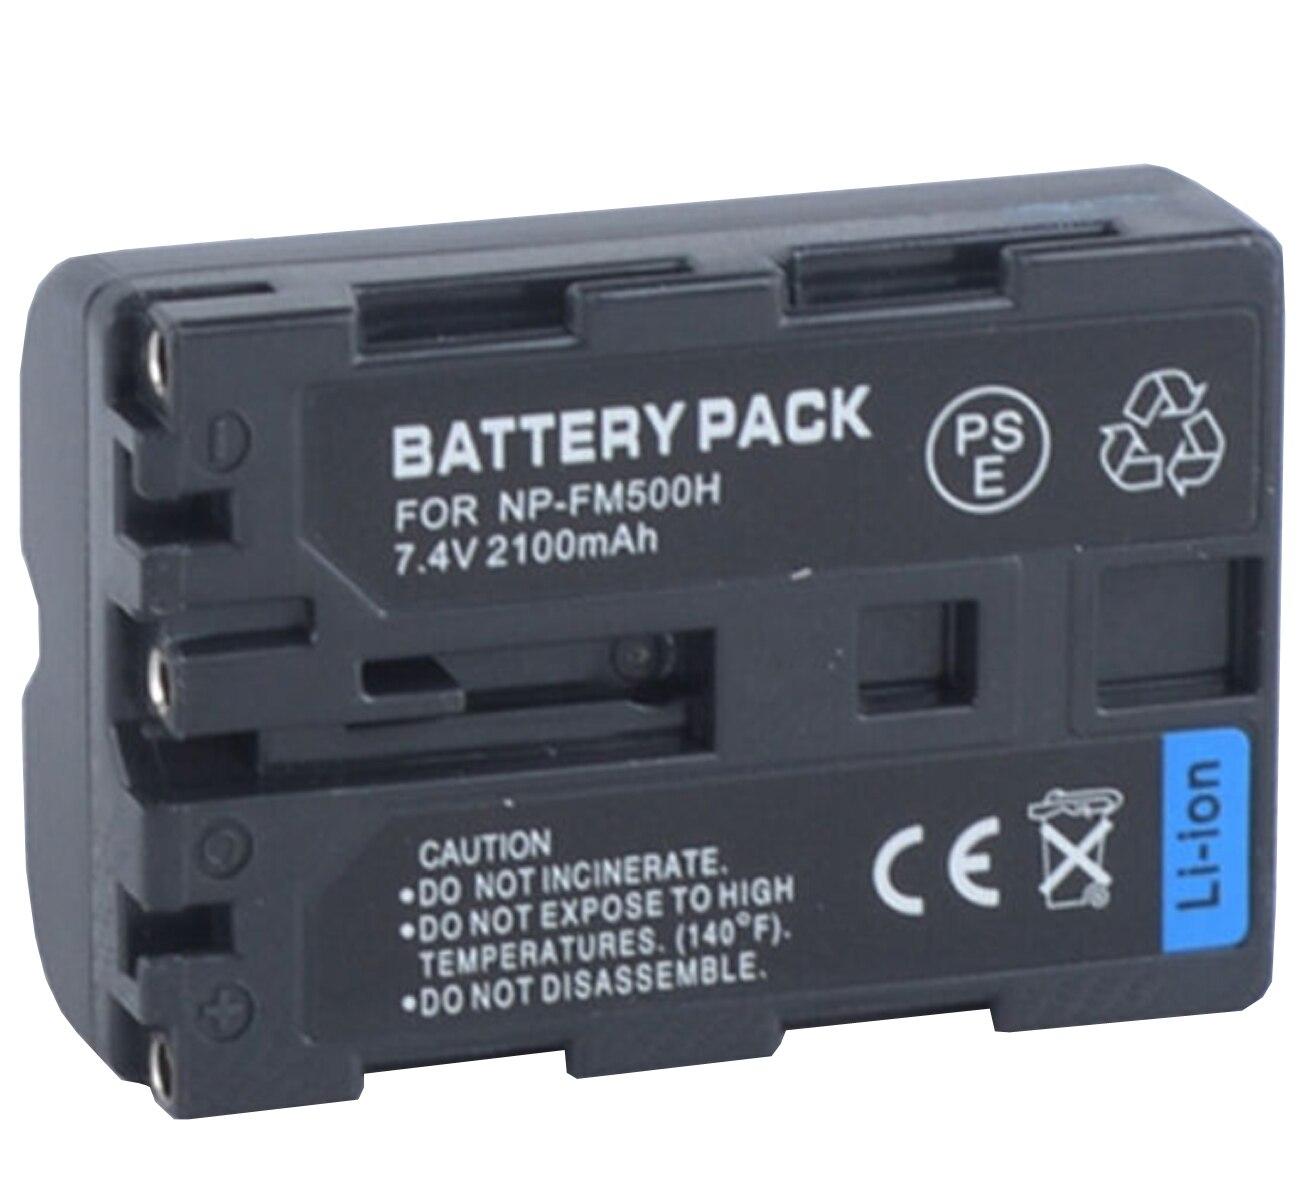 Paquete de baterías para Sony Alpha A77 II, 77 M2, ILCA-77M2, ILCA-77M2Q,...